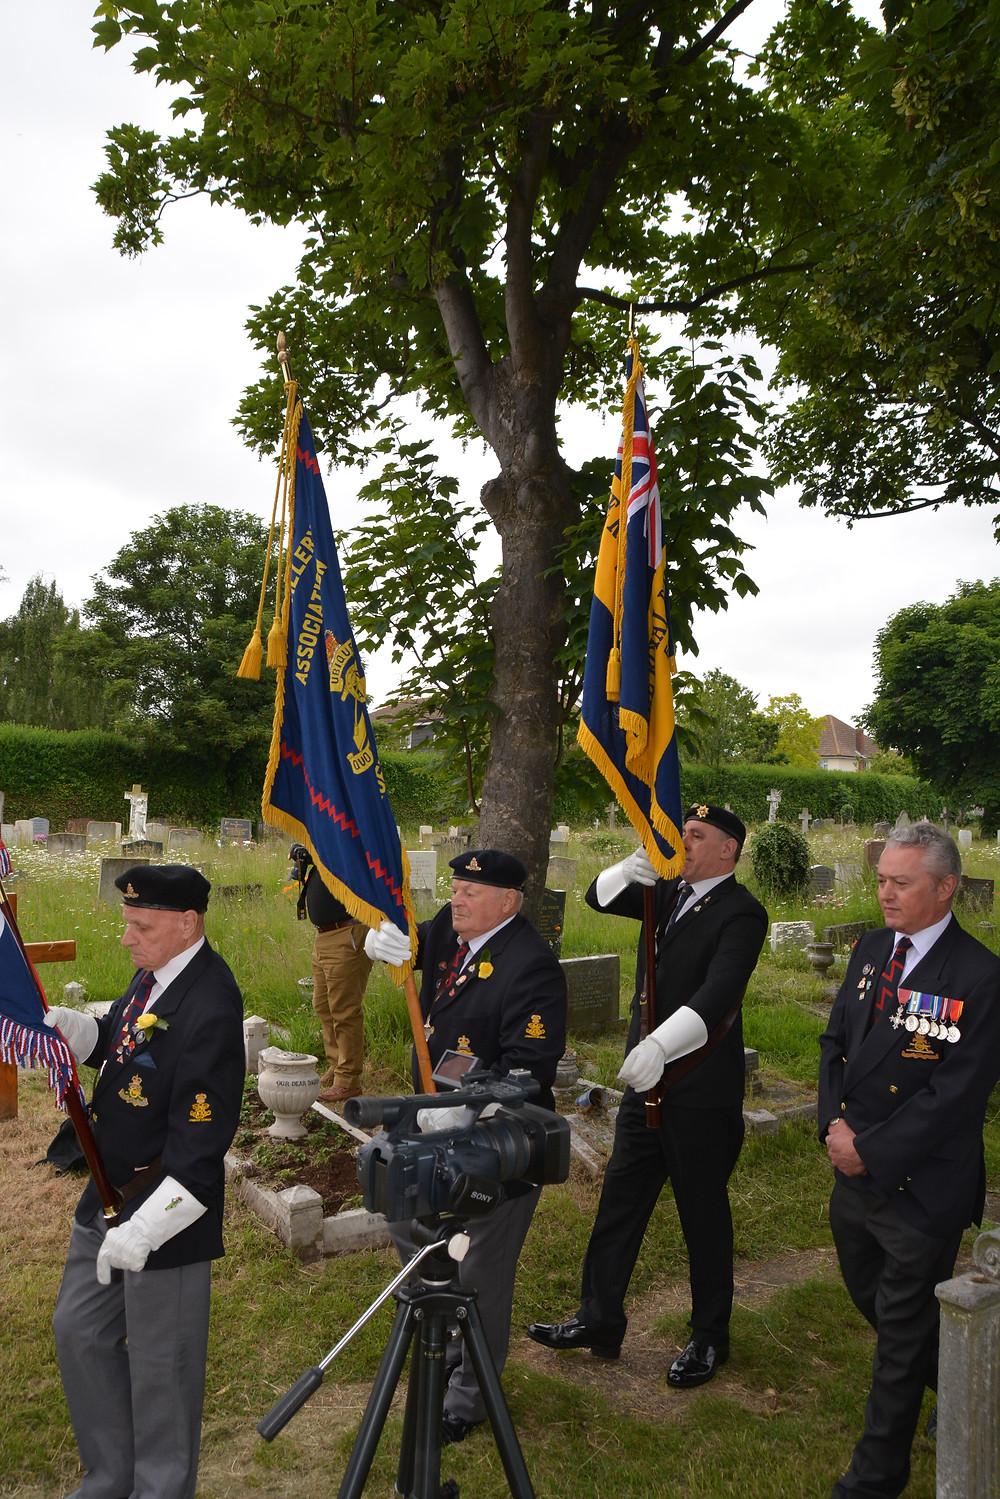 Royal Artillery Association Parade at Poppy Dedication